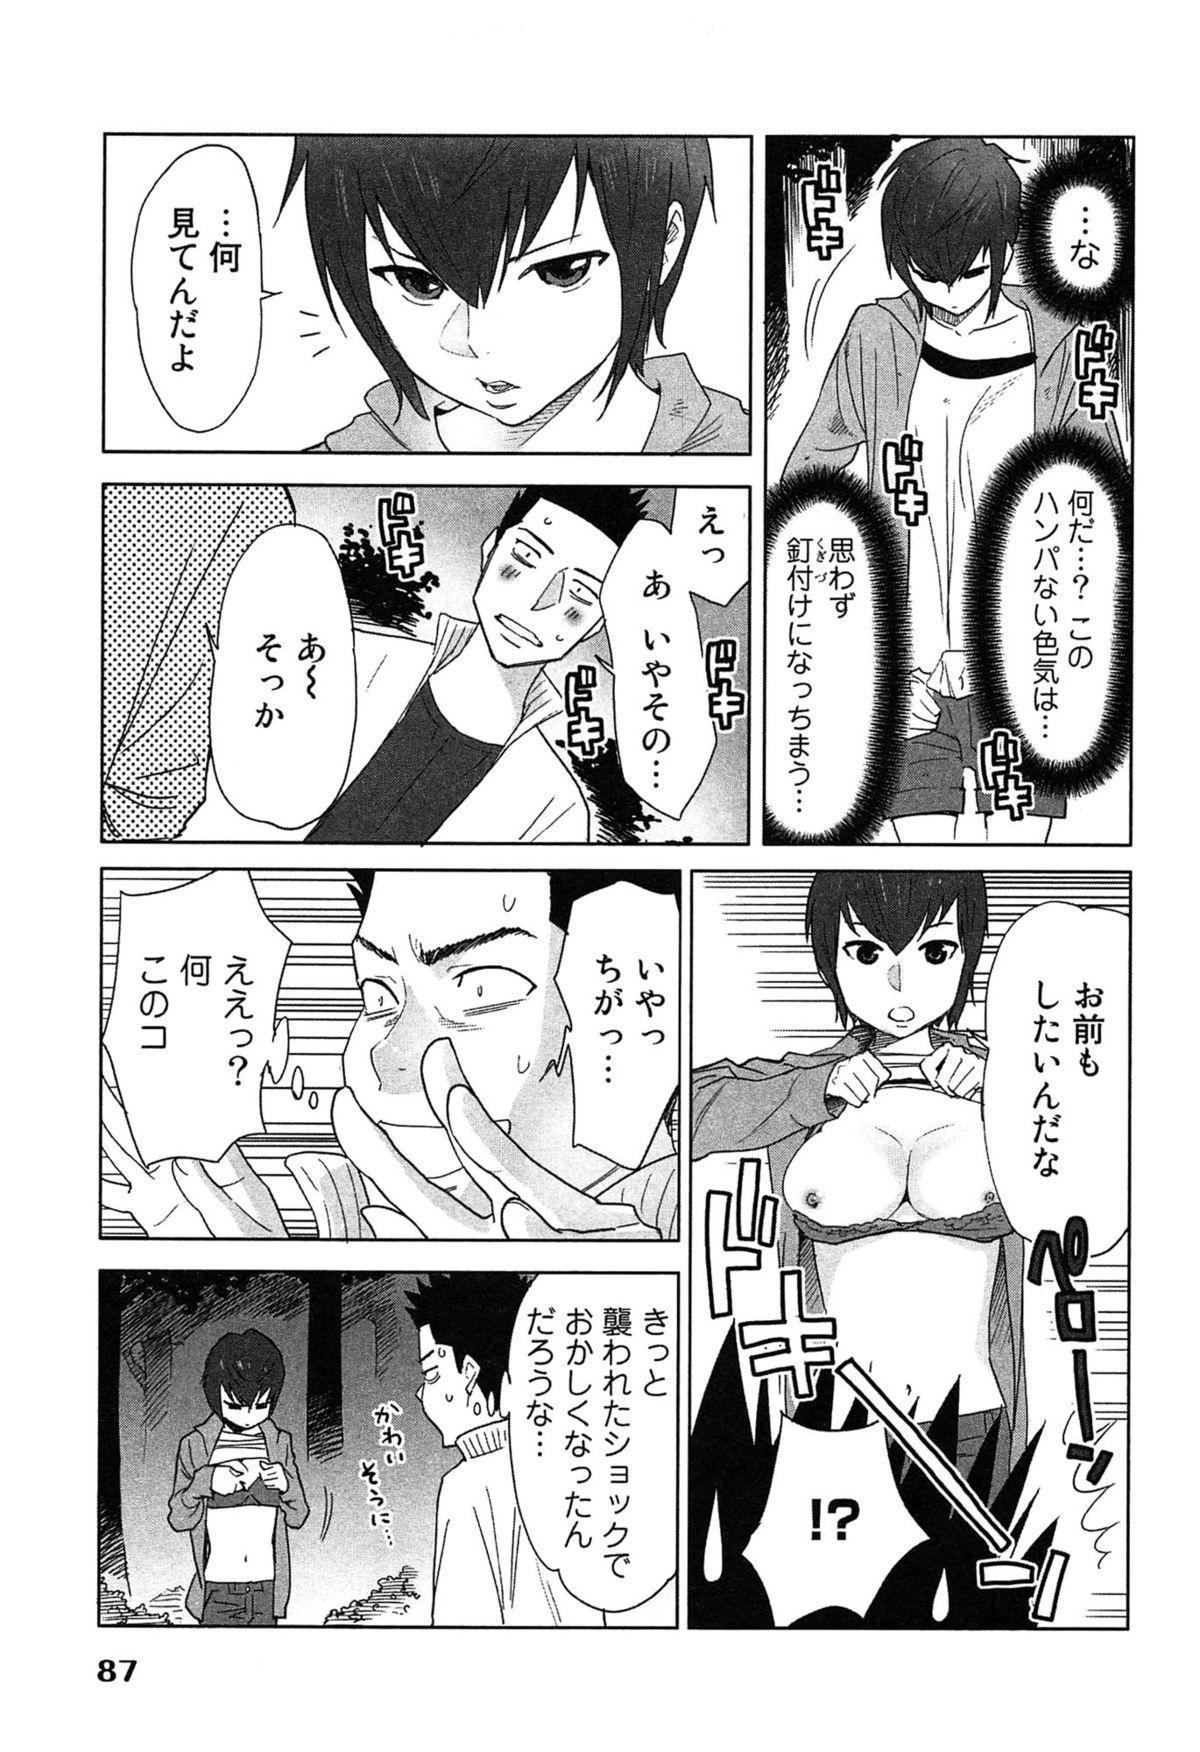 Megami to Ichinen Kura Shite Mita. 2 90